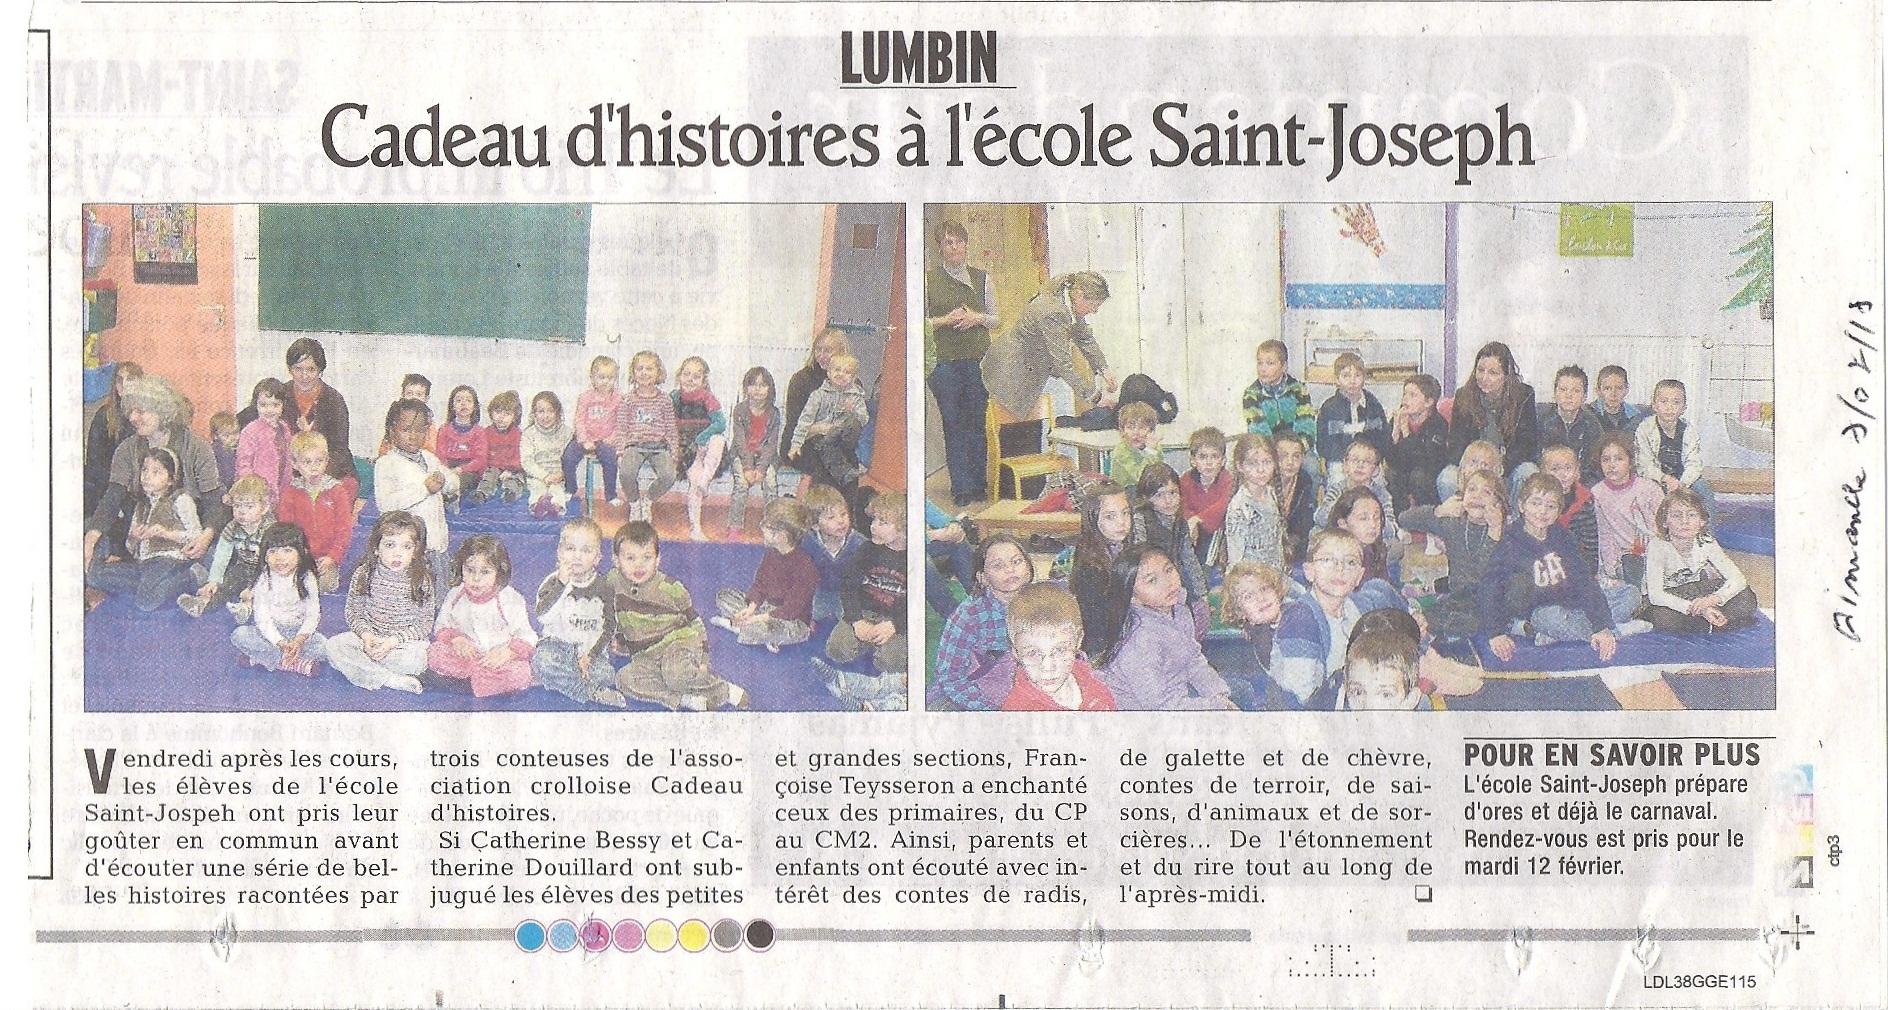 Cadeau d'histoires à l'école Saint-Joseph